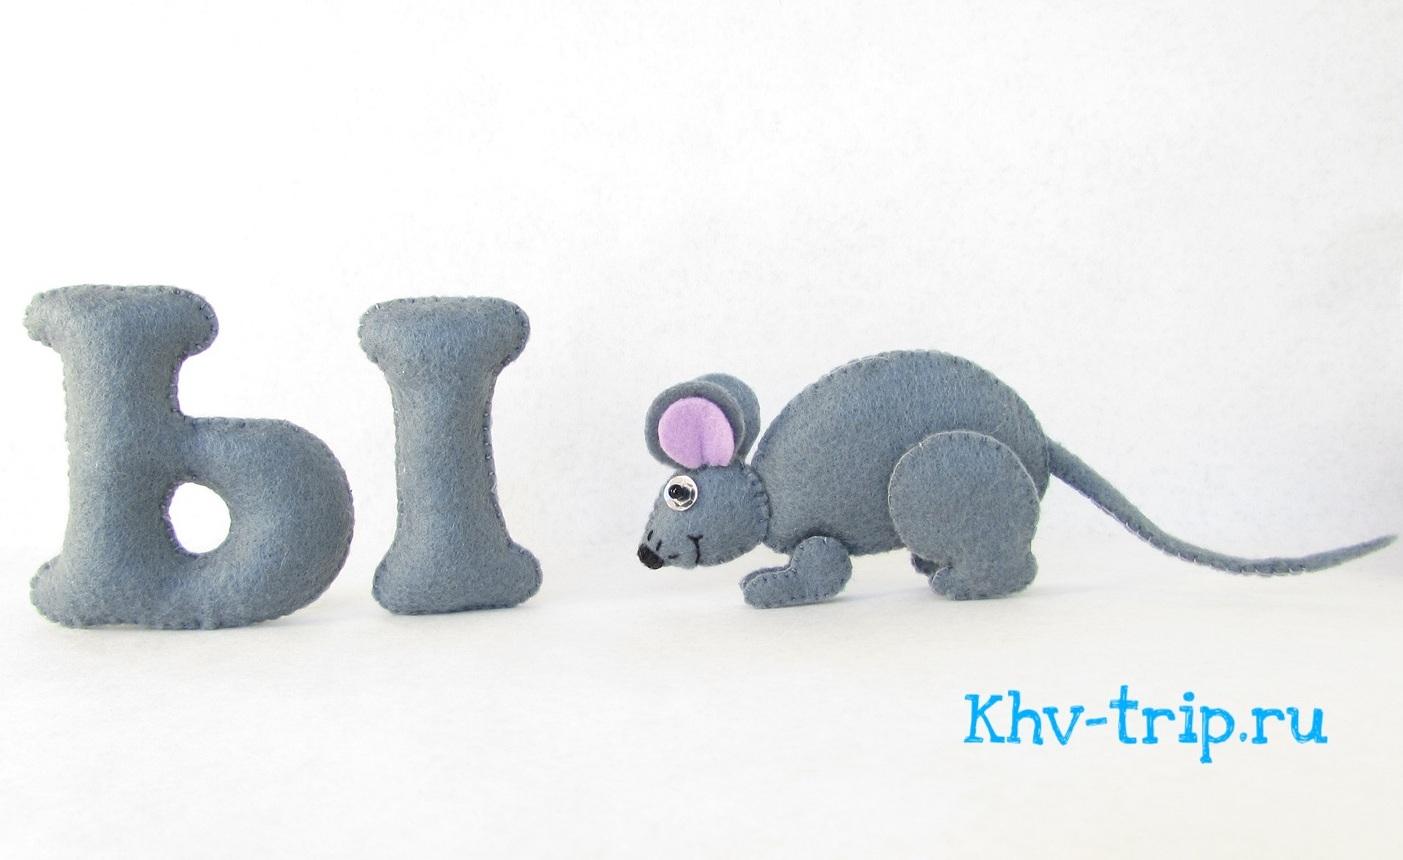 Алфавит из фетра с животными: совместный пошив